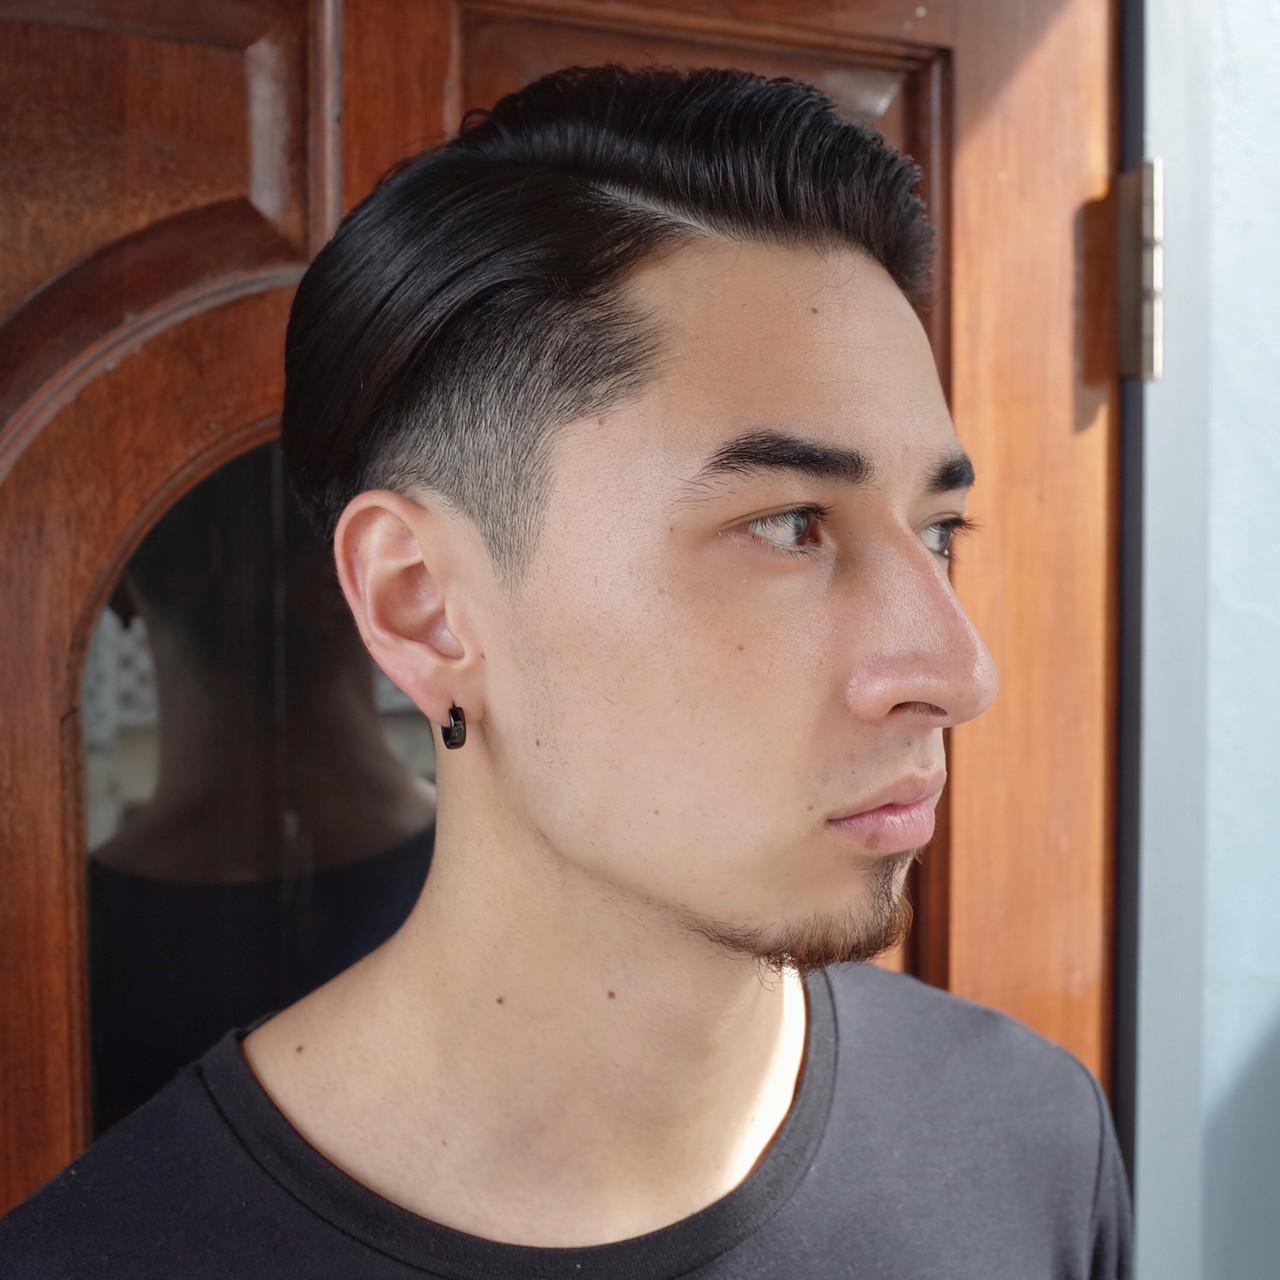 刈り上げ ツーブロック ショート メンズショート ヘアスタイルや髪型の写真・画像